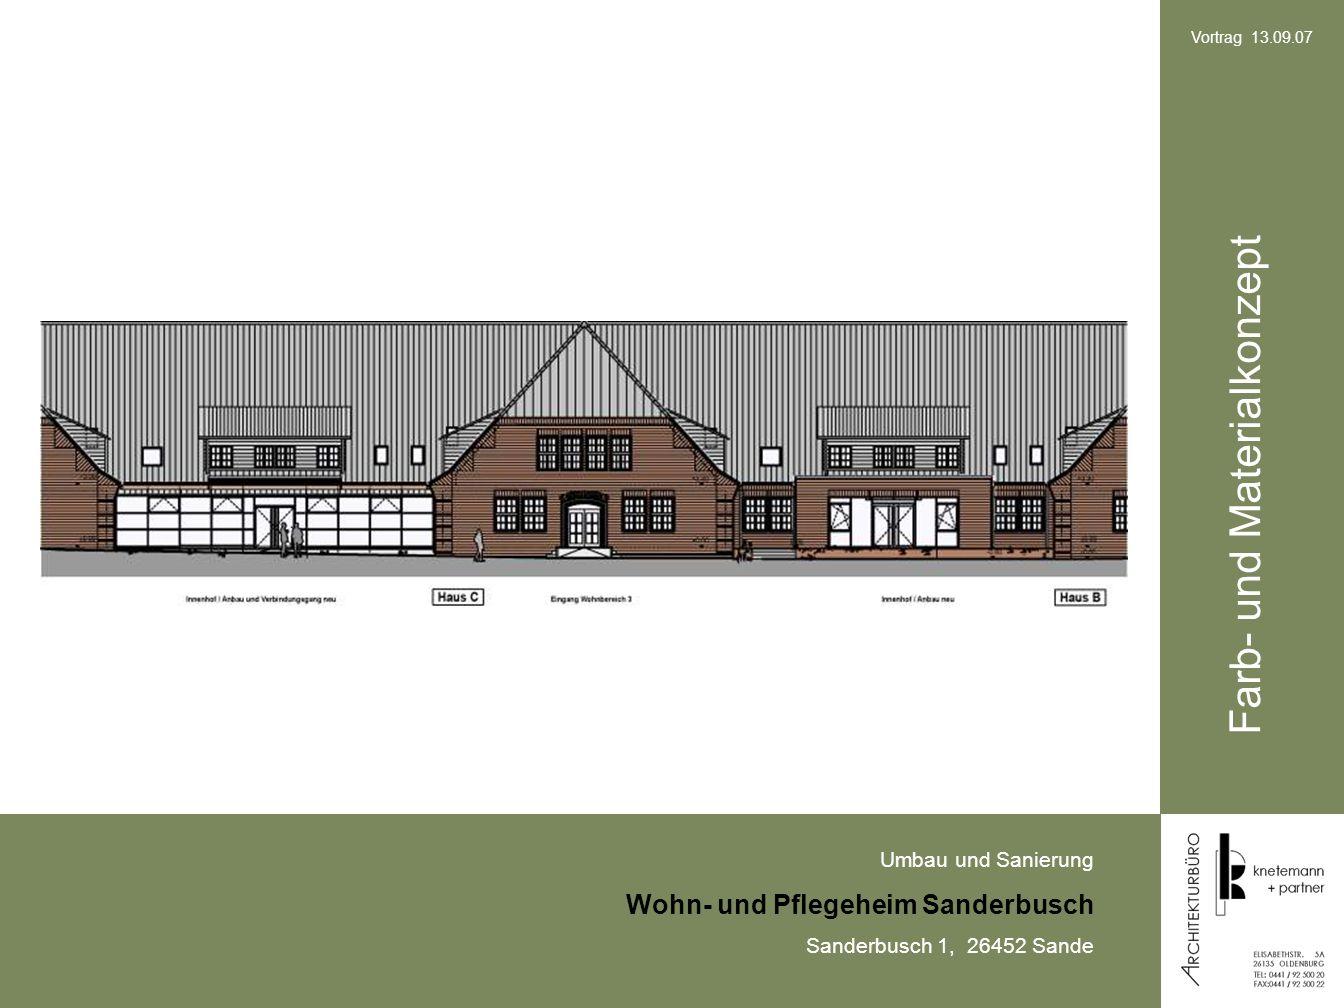 Umbau und Sanierung Wohn- und Pflegeheim Sanderbusch Sanderbusch 1, 26452 Sande Vortrag 13.09.07 Farb- und Materialkonzept